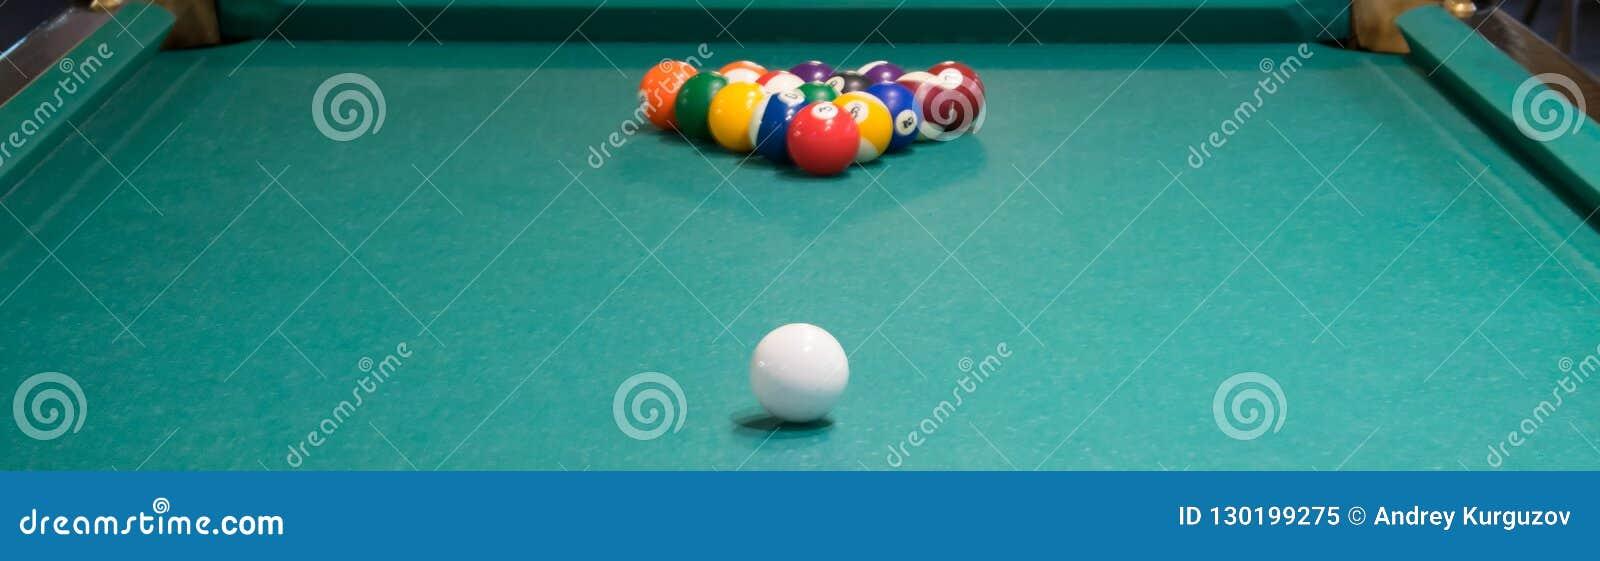 La Chaise Longue Billard table de billard verte, pyramide des boules à jouer, boule